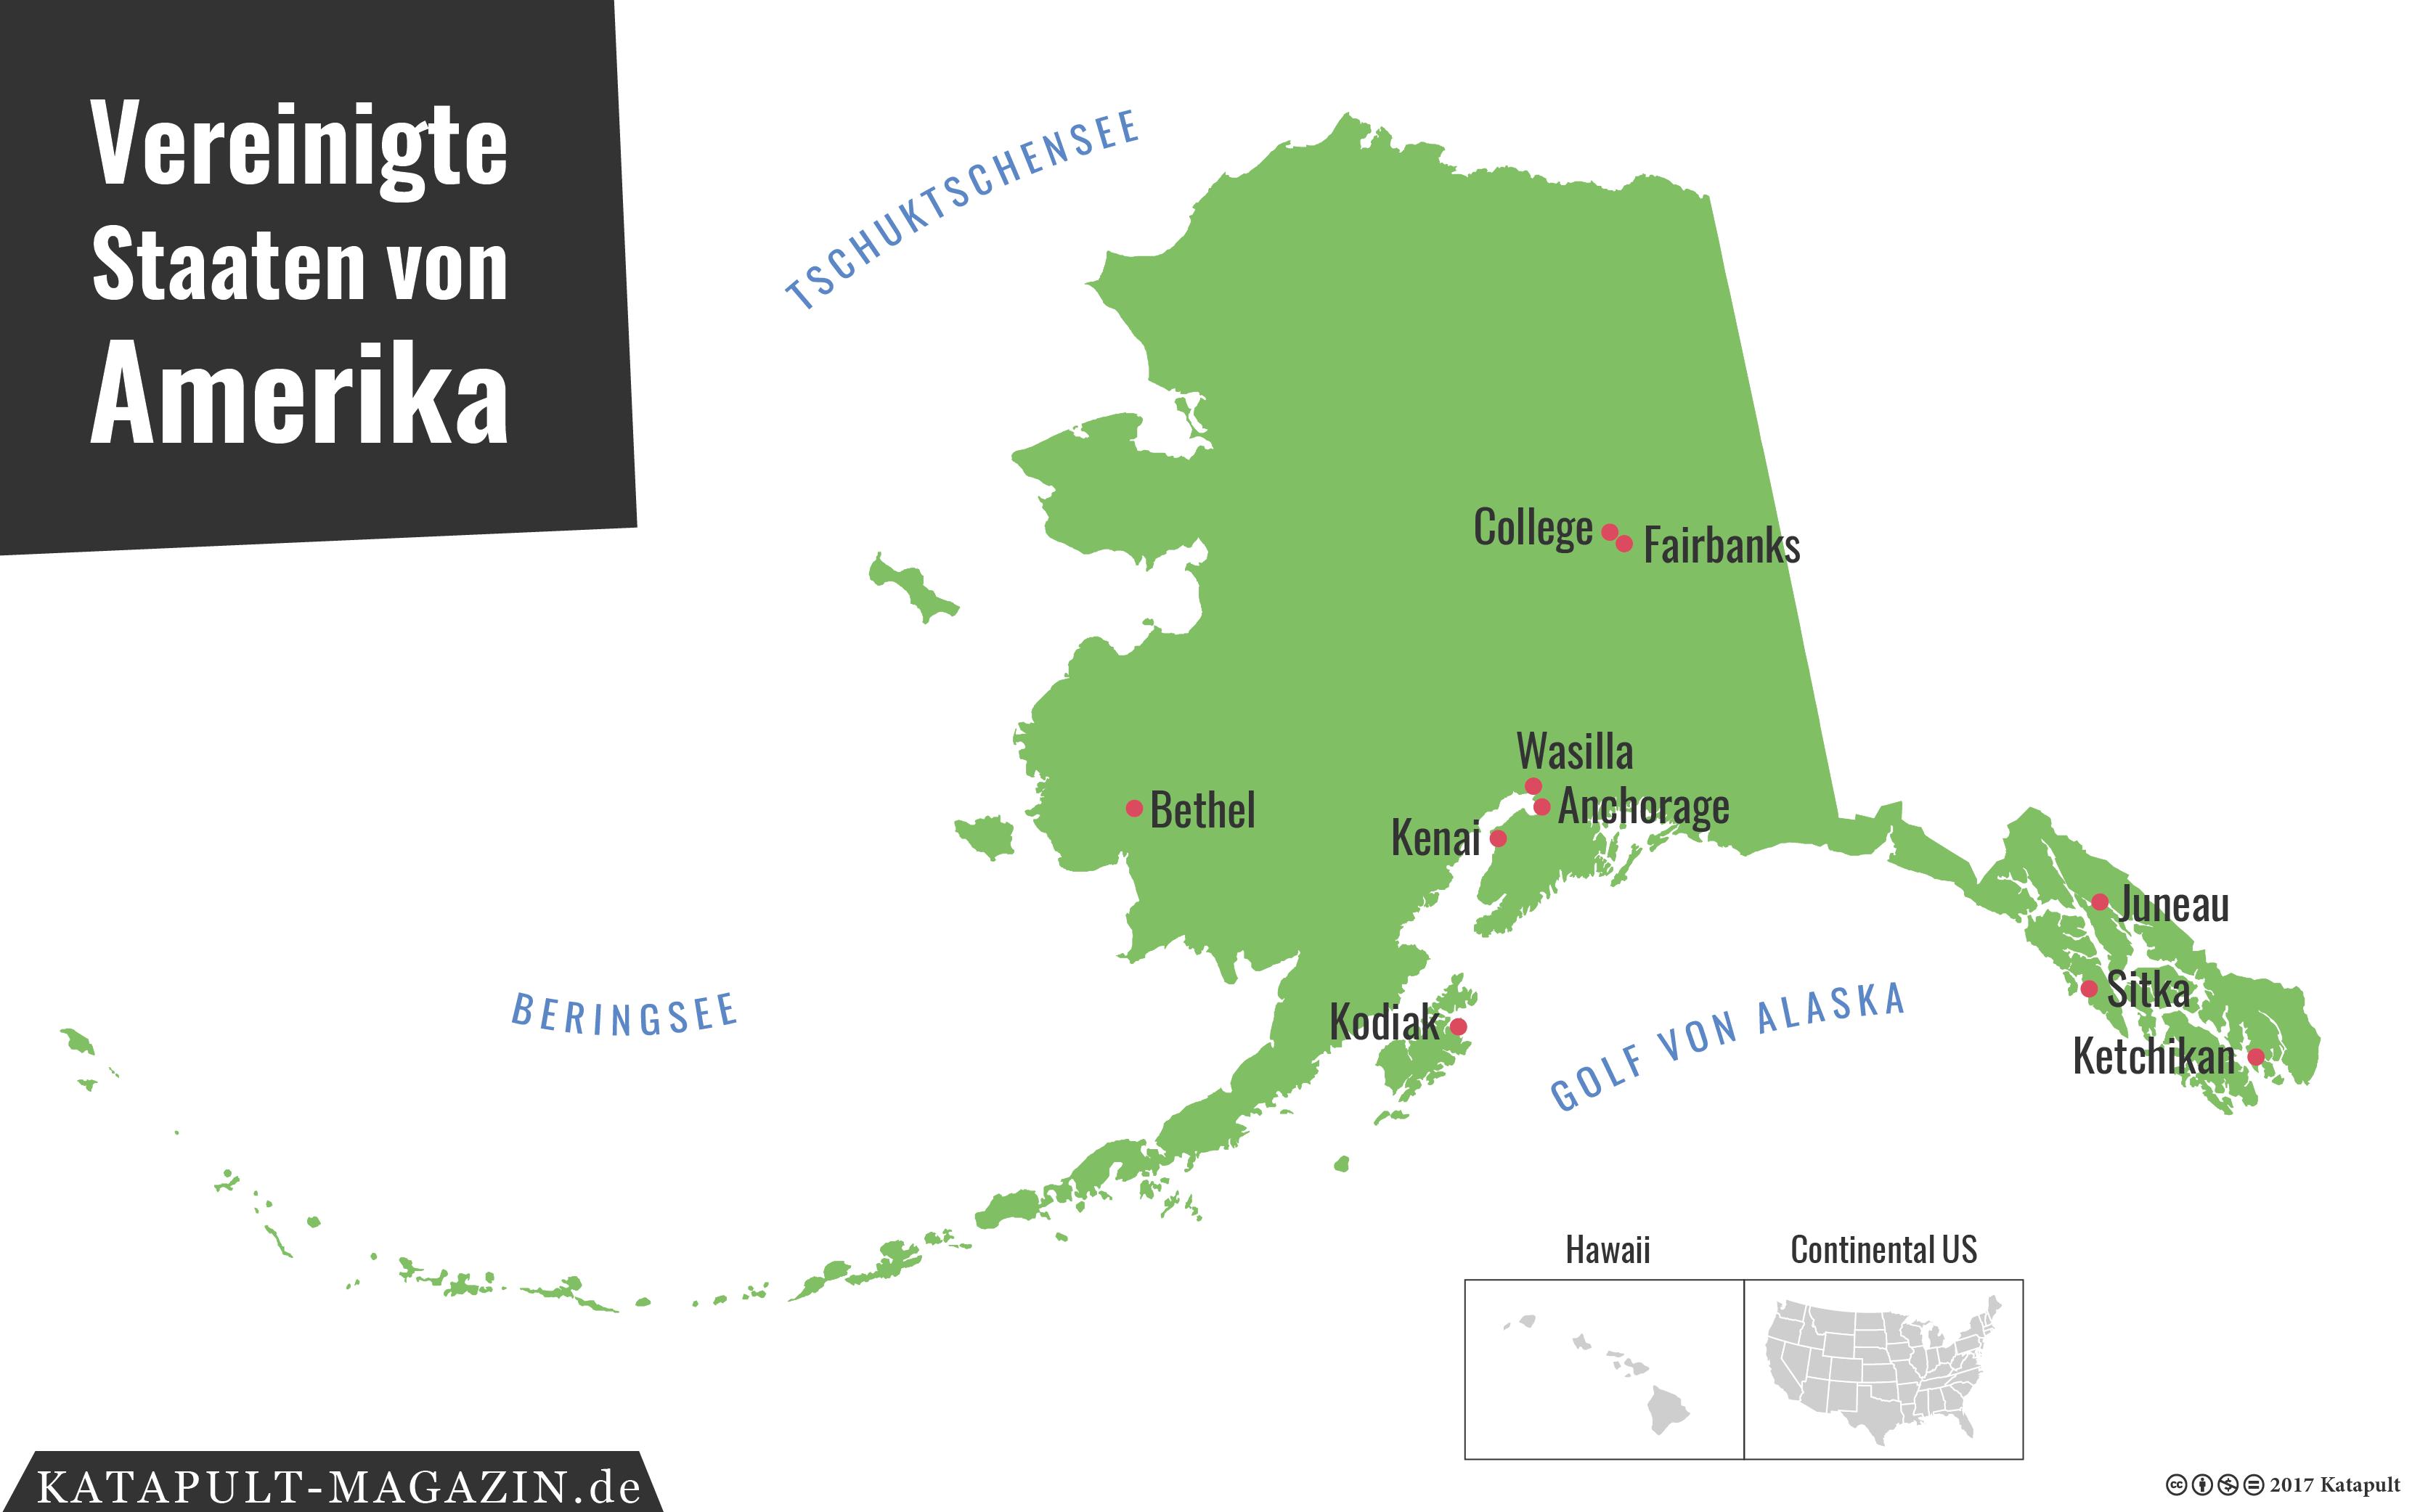 KATAPULT - Die USA aus der Sicht Alaskas